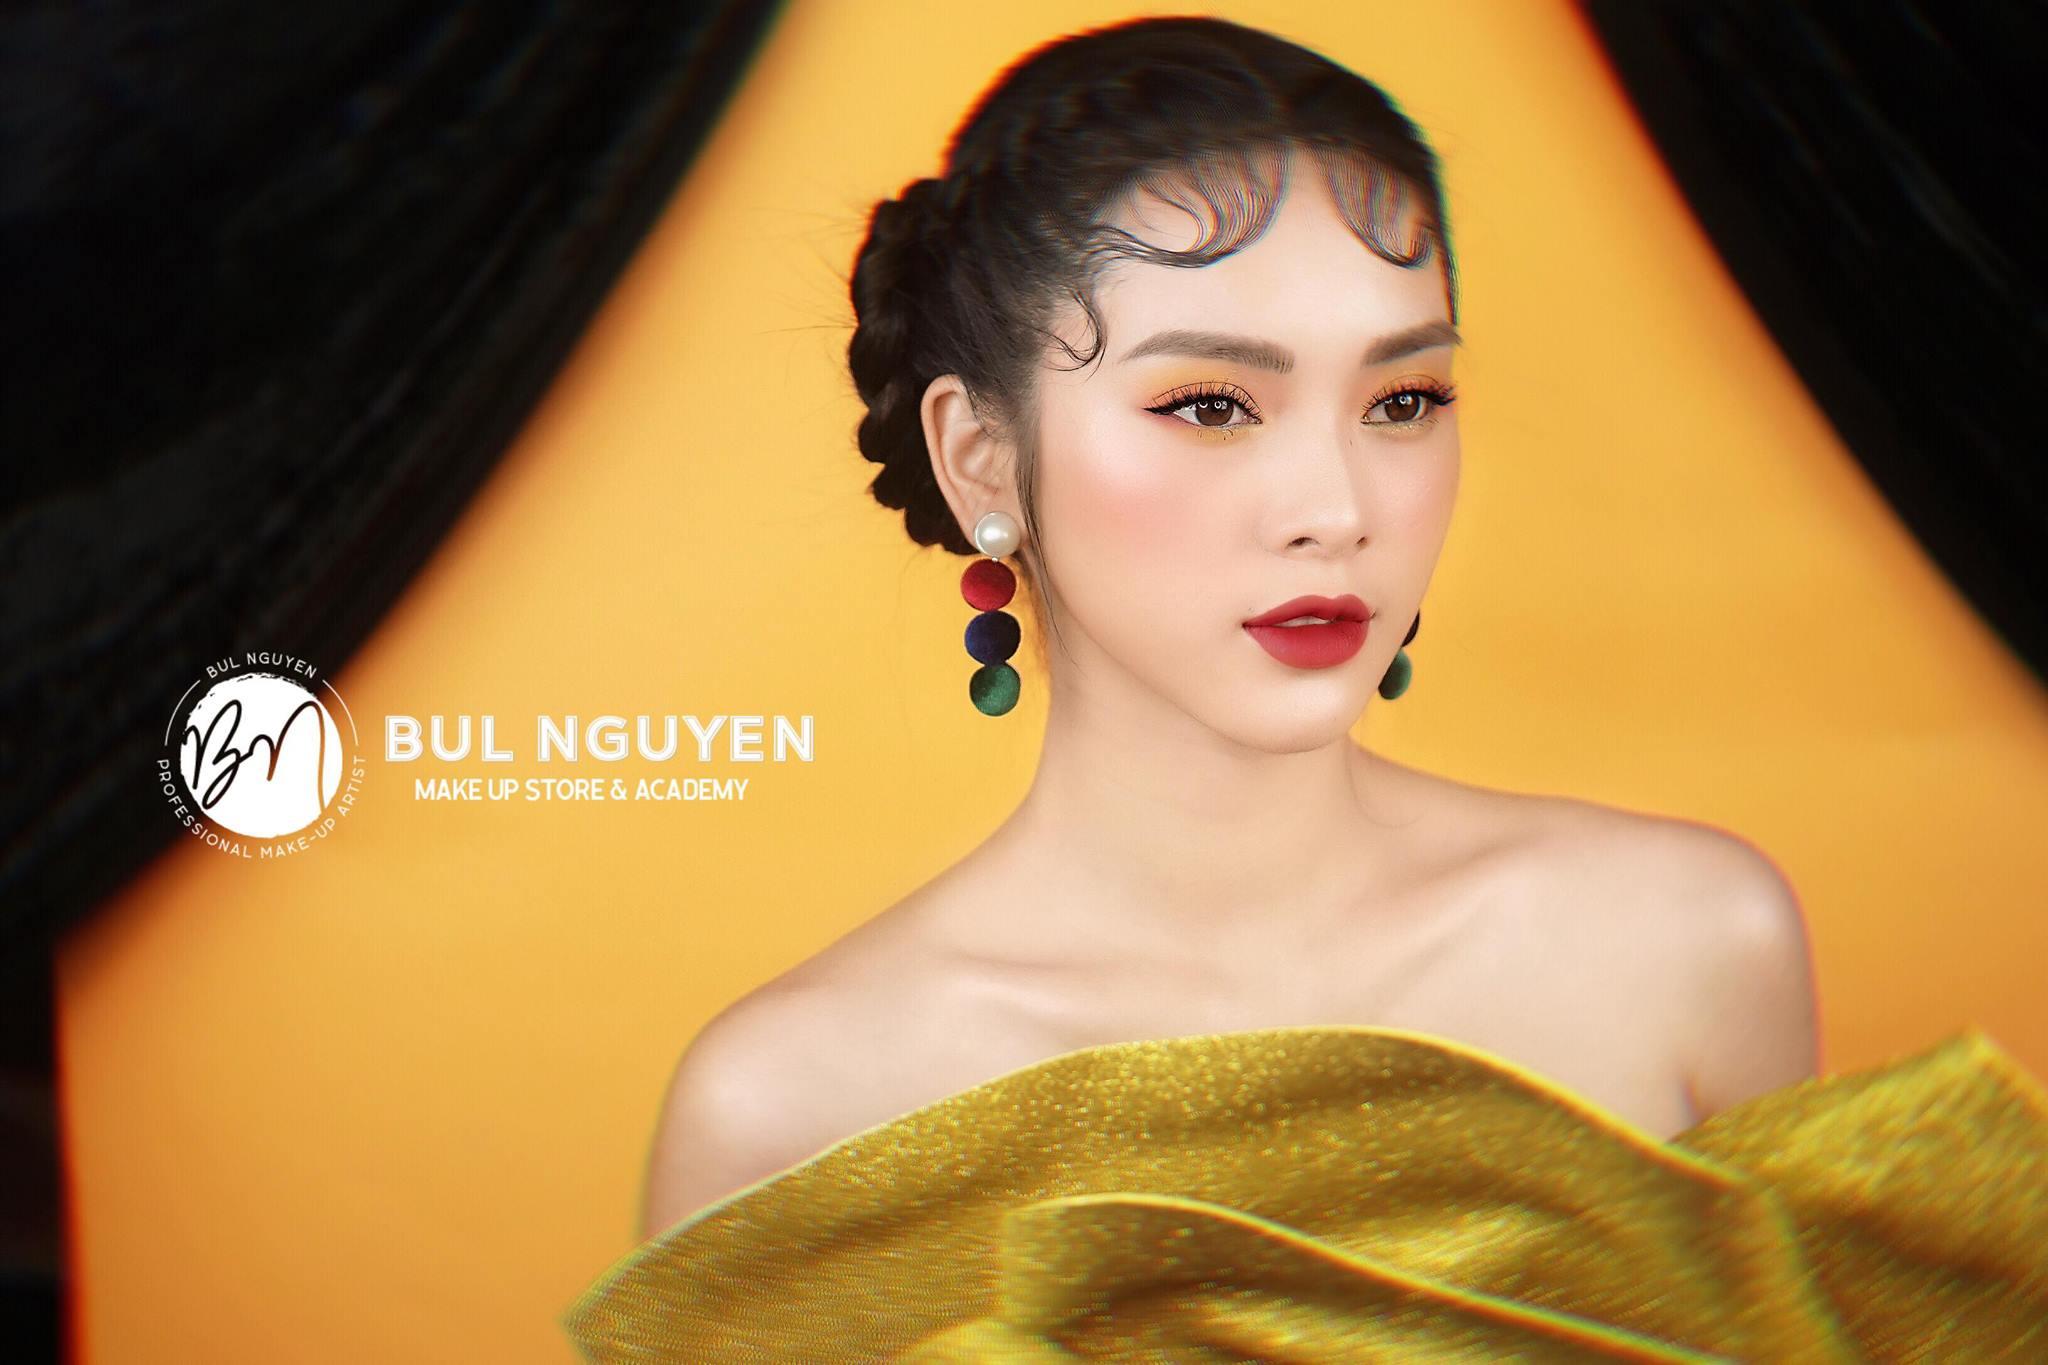 địa chỉ trang điểm Bul Nguyễn Make Up Store